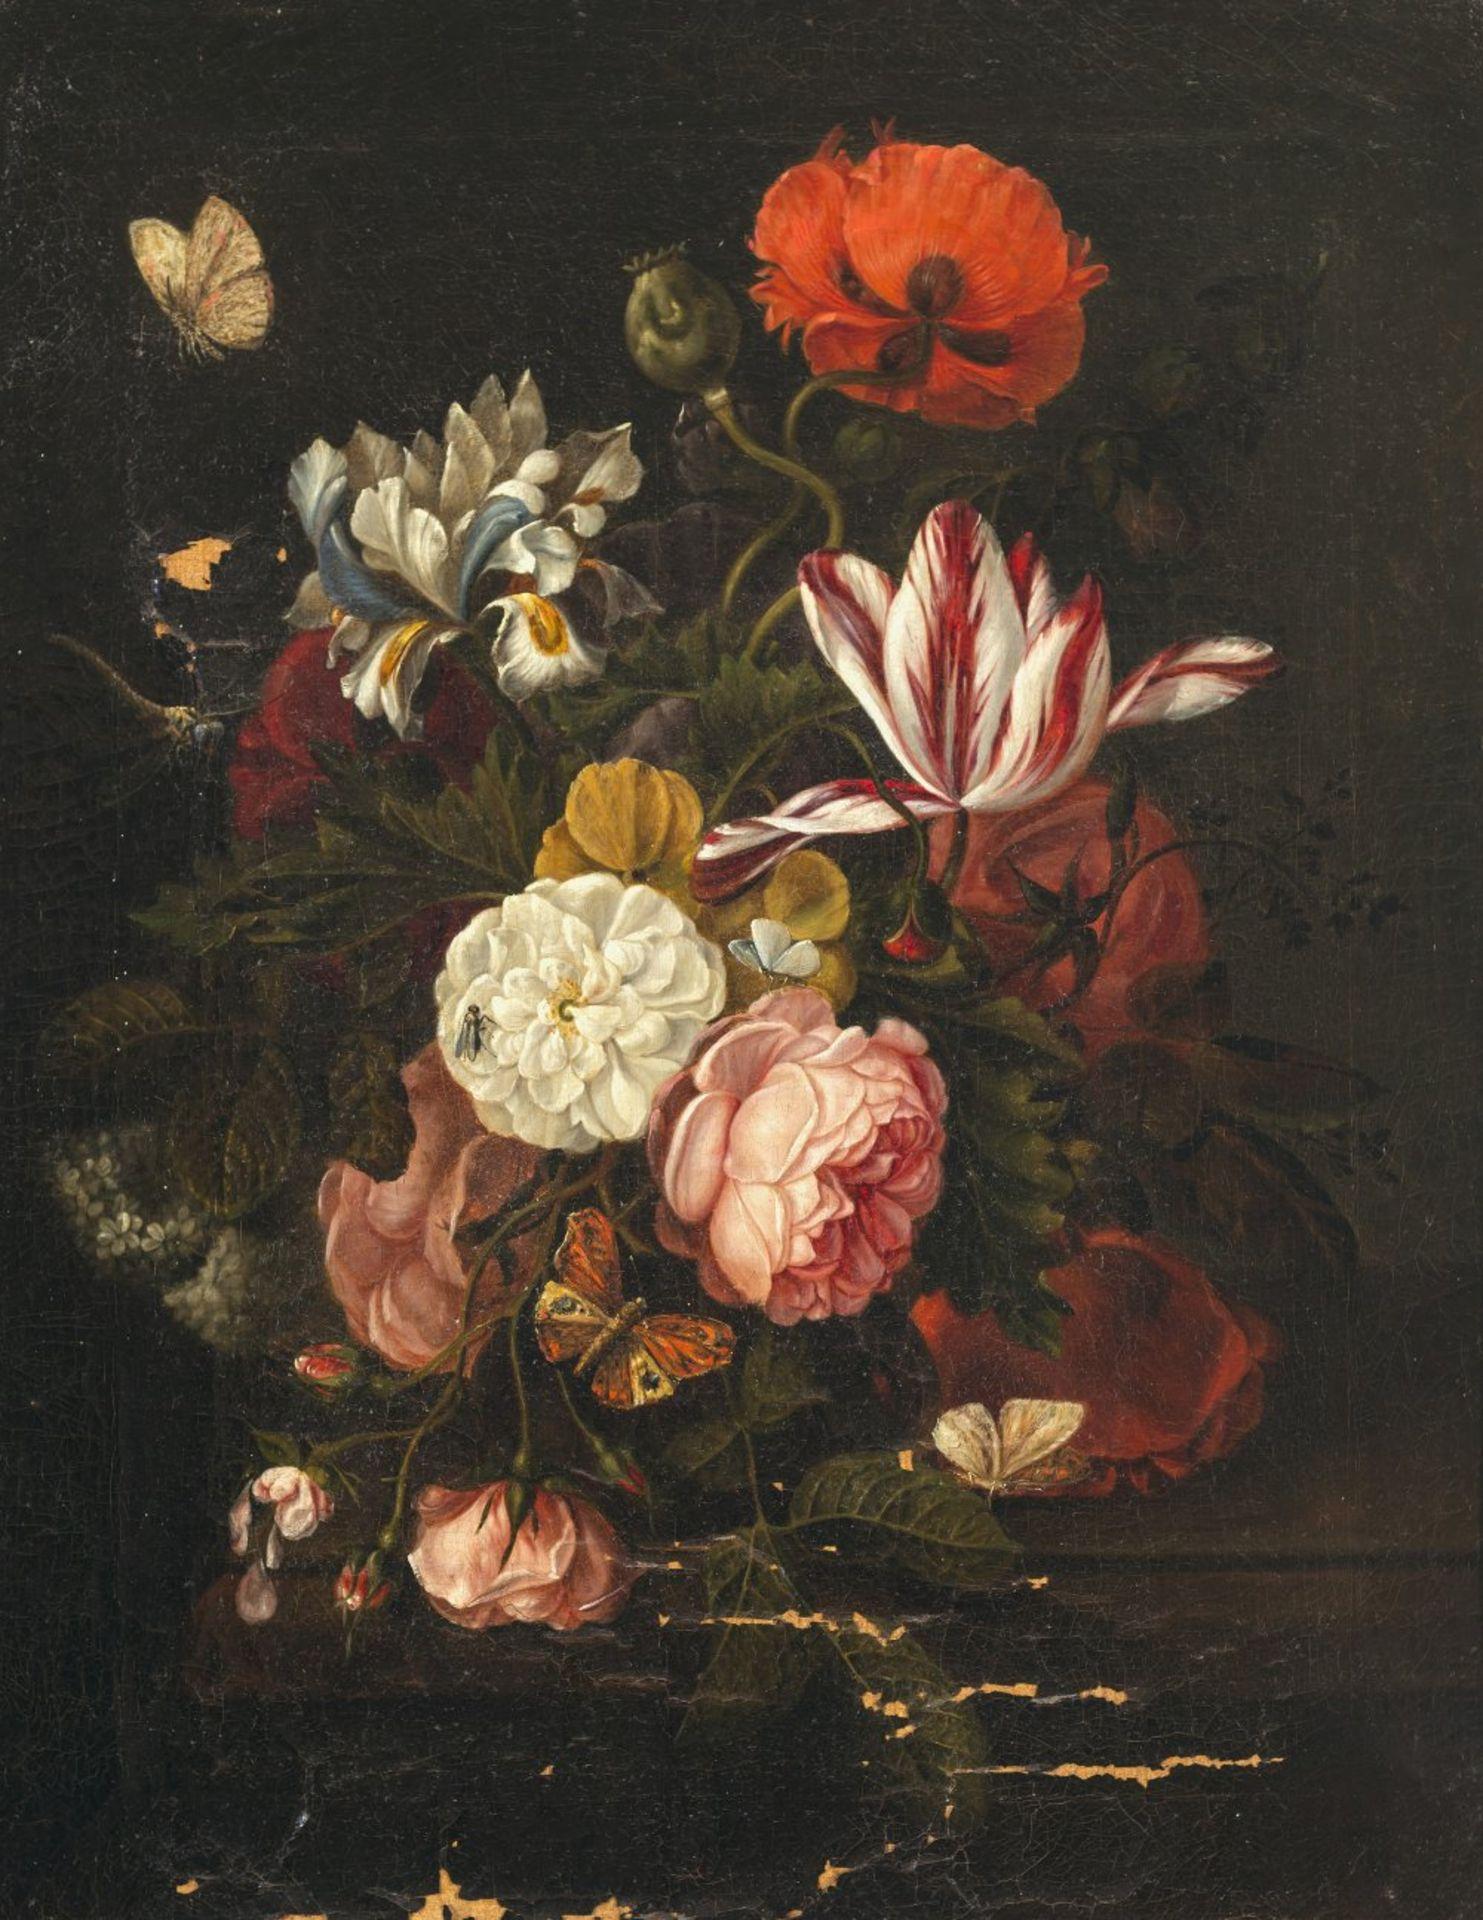 Oosterwyck, Maria von, UmkreisBlumenstillleben. Öl/Lw. 61 x 47 cm. Besch. Unsign.Circle of Maria von